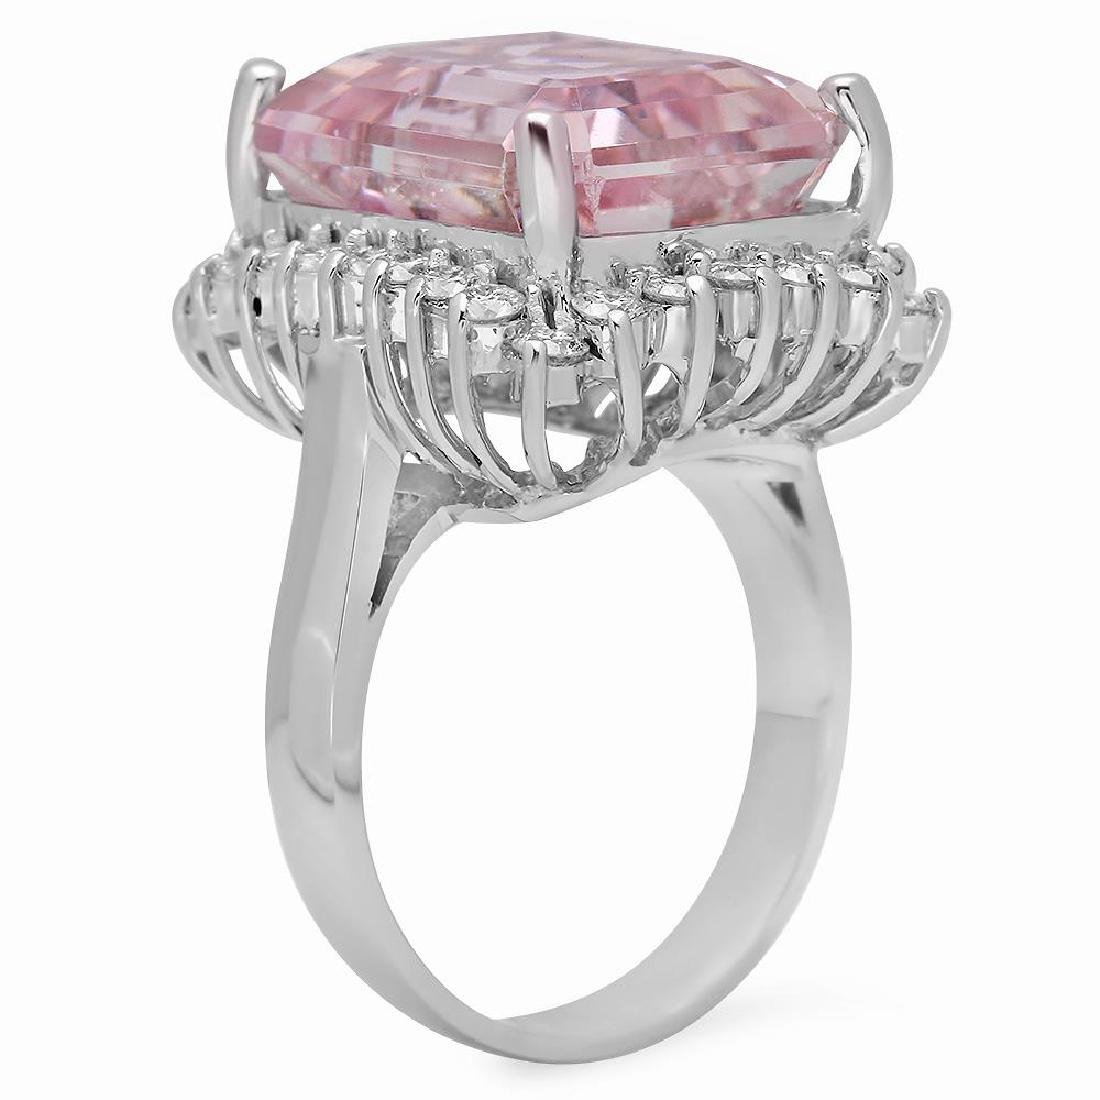 14K Gold 15.94ct Kunzite 1.18ct Diamond Ring - 2